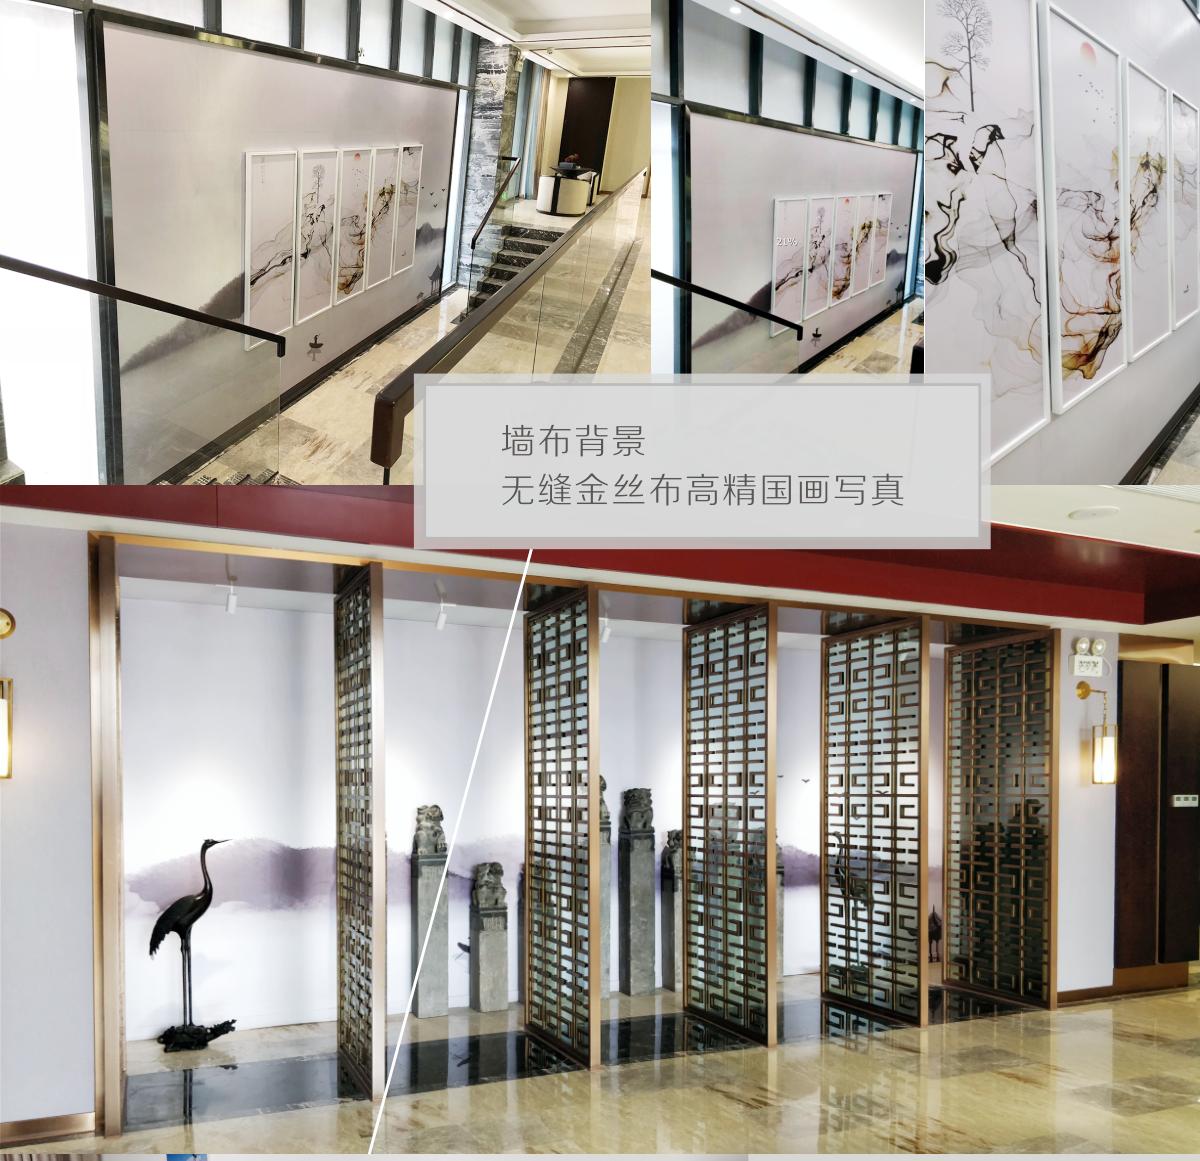 秋葵app官方二维码下载中铁建安吉山语城品牌文化墙设计制作_02.png